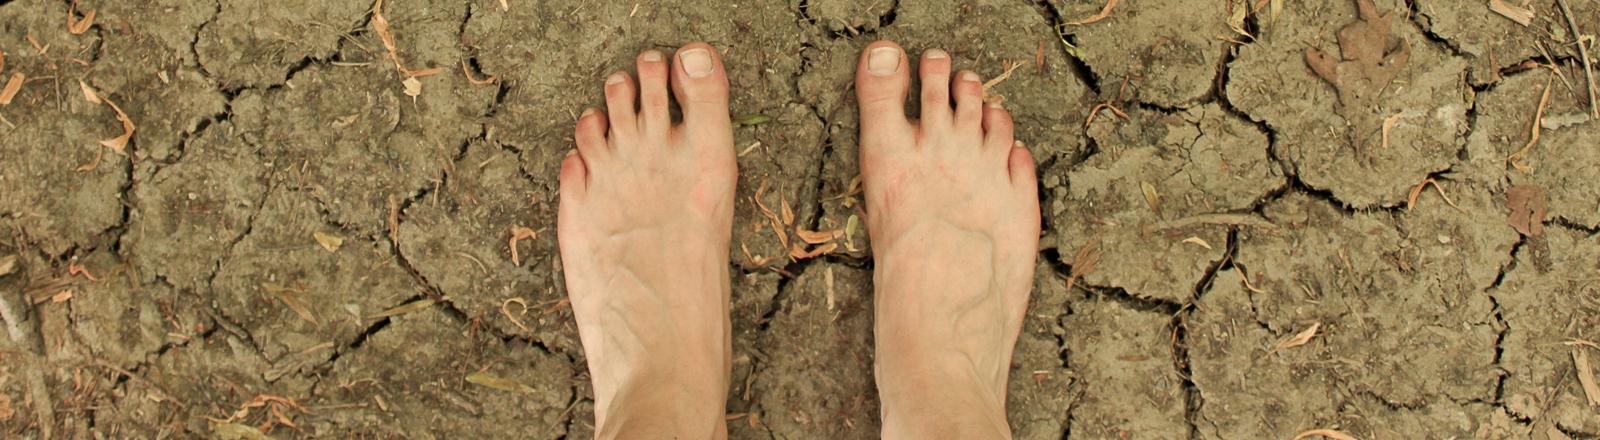 Nackte Füße auf ausgetrockneter Erde